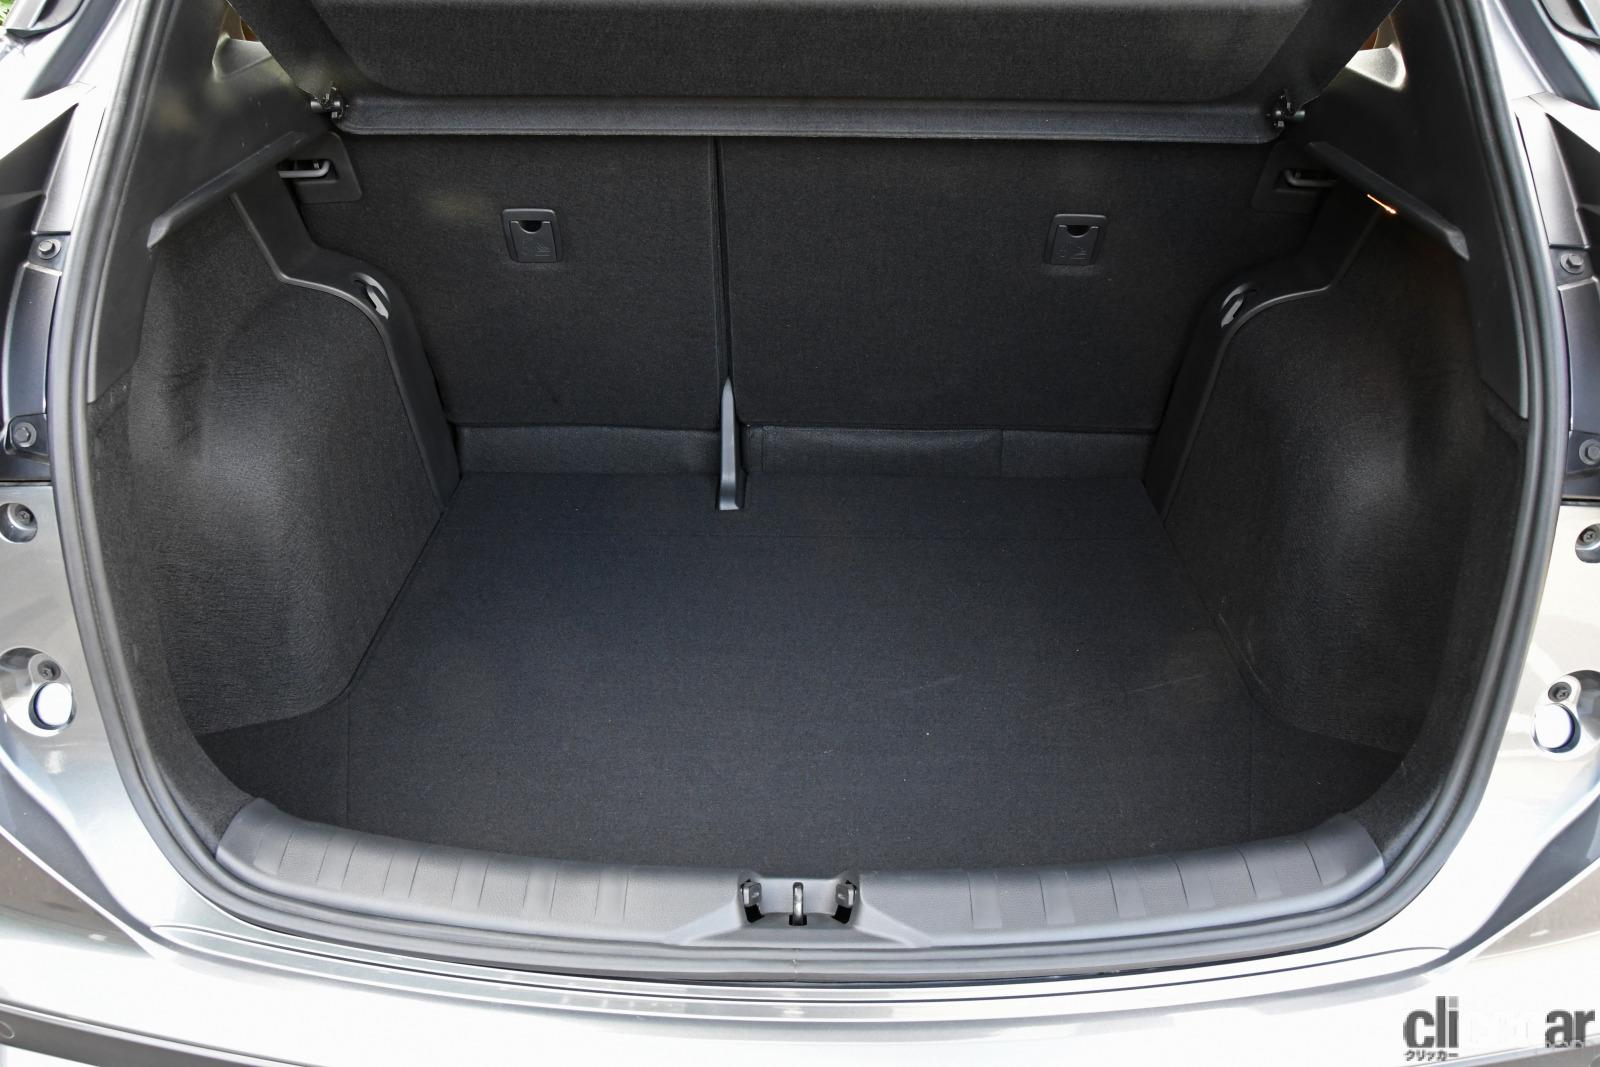 「SUVのeパワー搭載モデルが登場。コンパクトカー、ミニバンに続く第3弾【日産キックス試乗】」の7枚目の画像